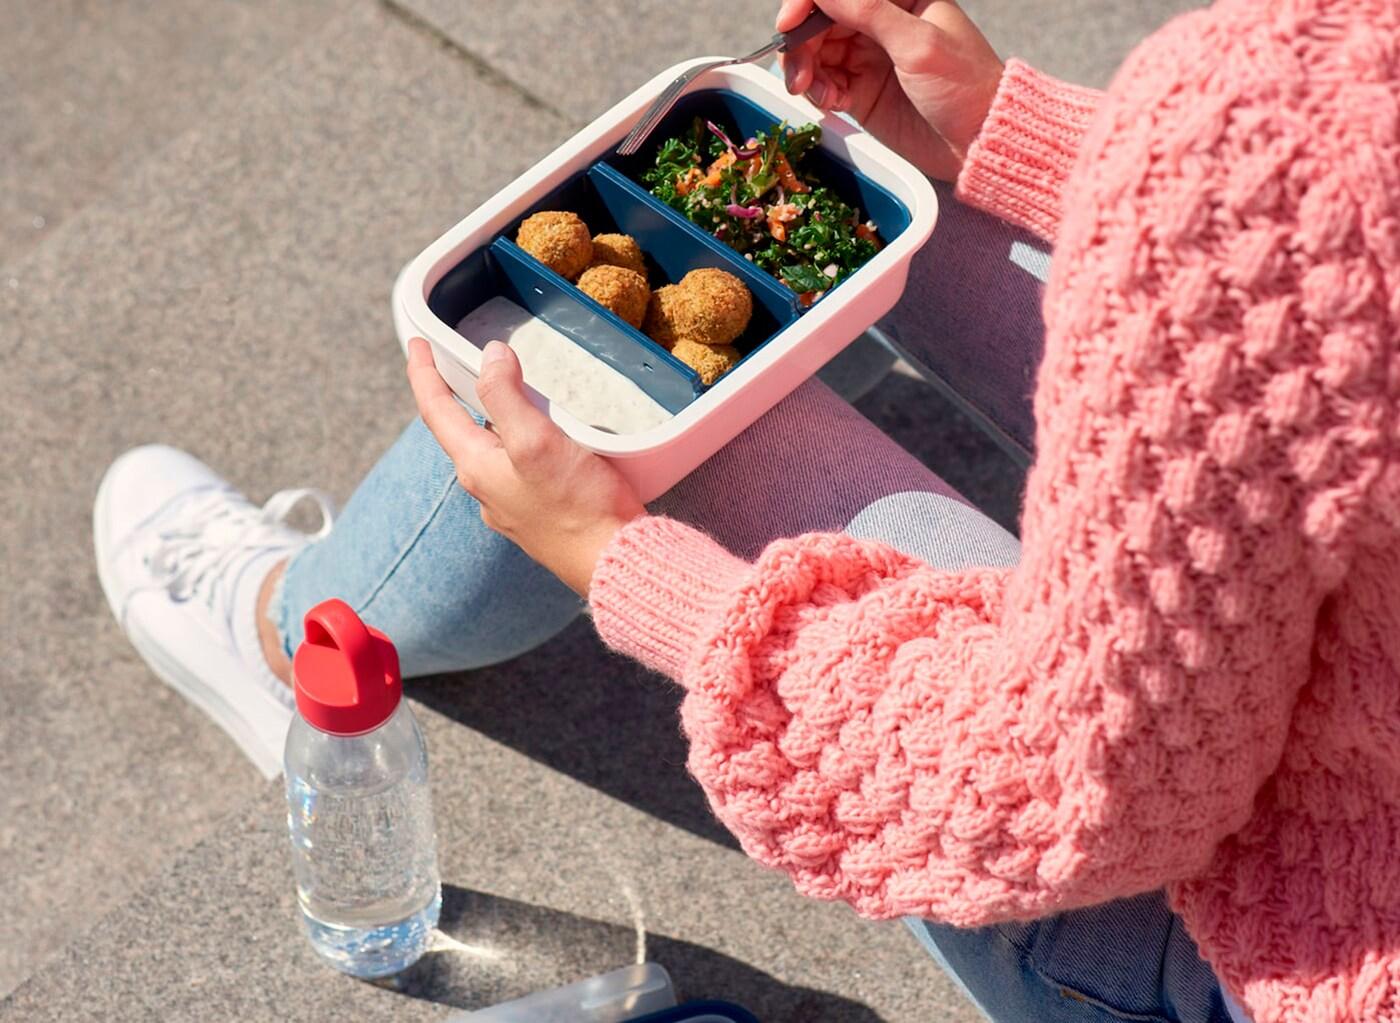 Eine Frau isst aus einem IKEA Lebensmittelbehälter aus Kunststoff. Neben ihr ist eine transparente Kunststoffflasche mit Wasser zu sehen.